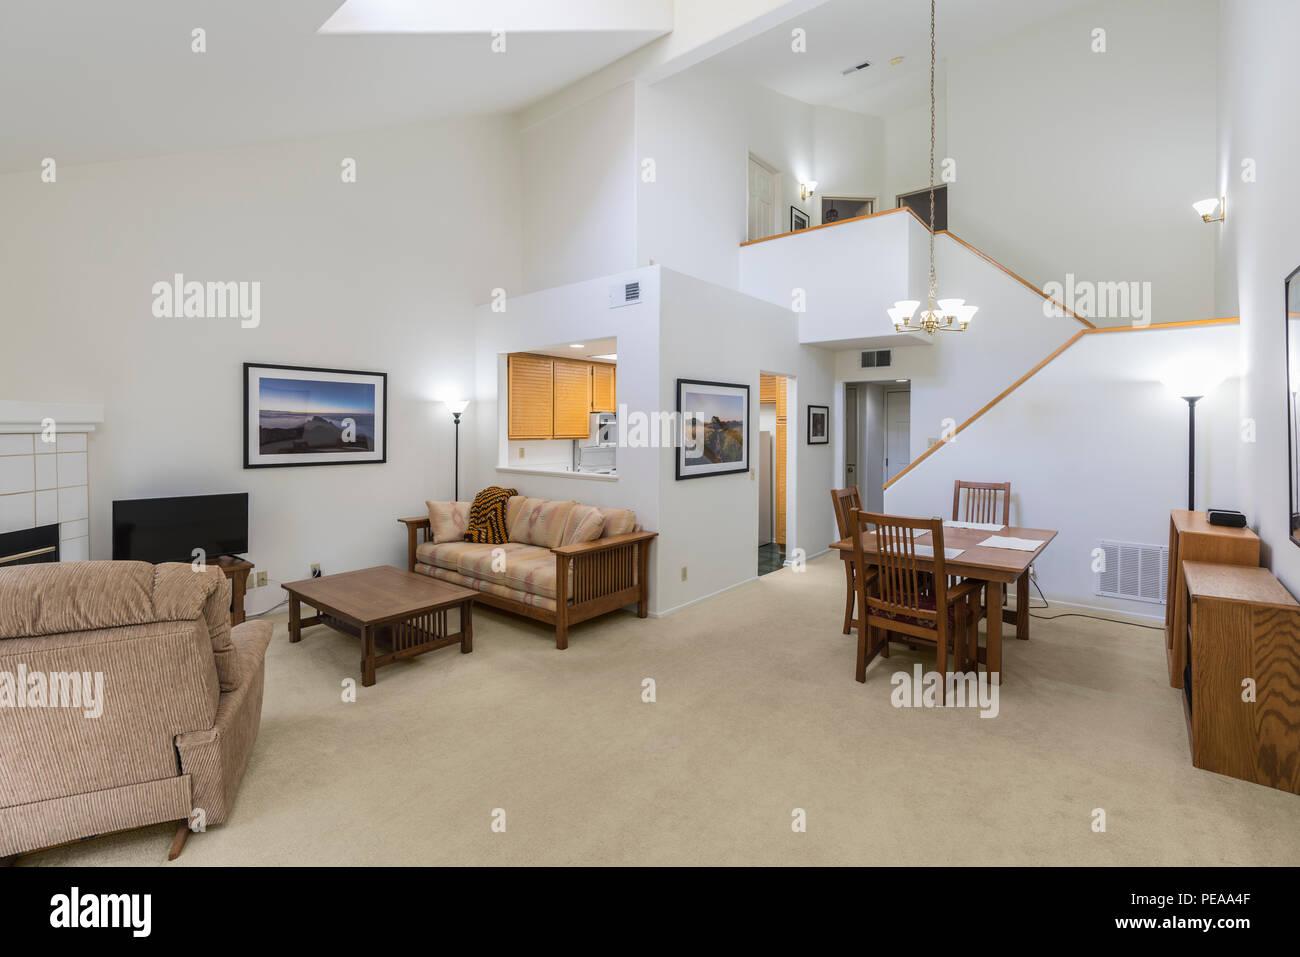 Haut plafond condo living room. L'art de mur est le cadre de travail des photographes et est incluse dans la version. Photo Stock